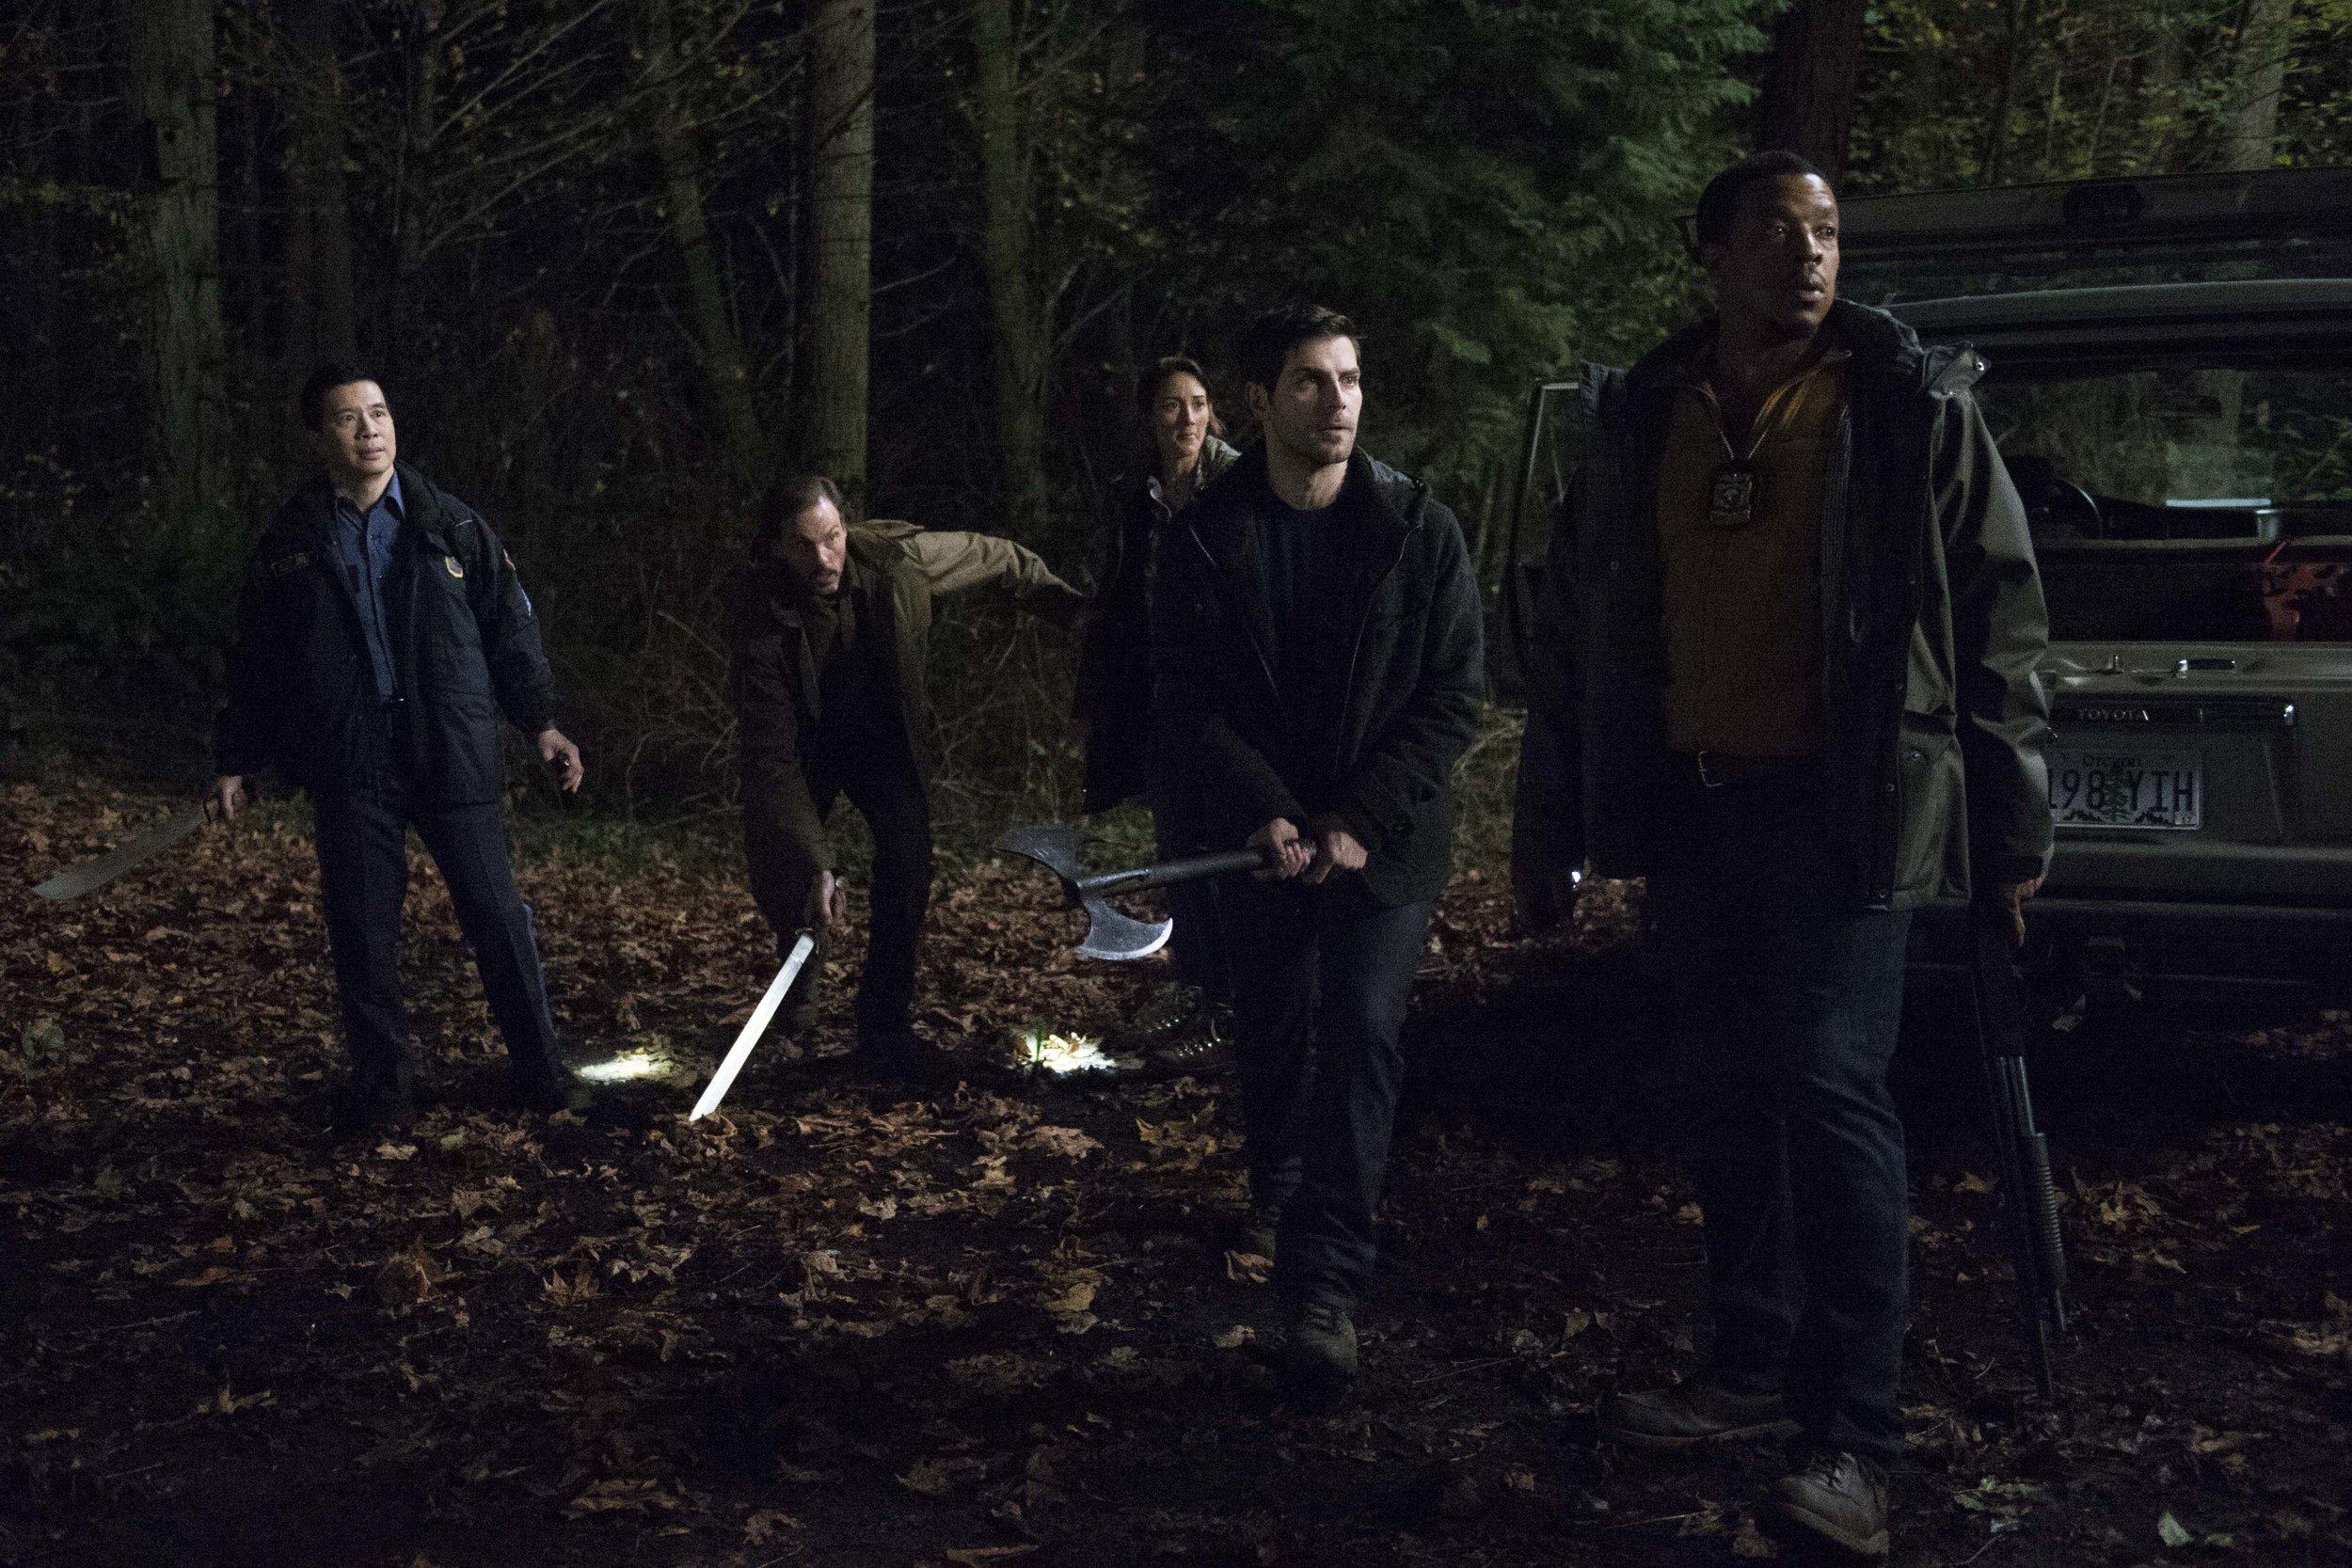 Gang in the woods.jpg